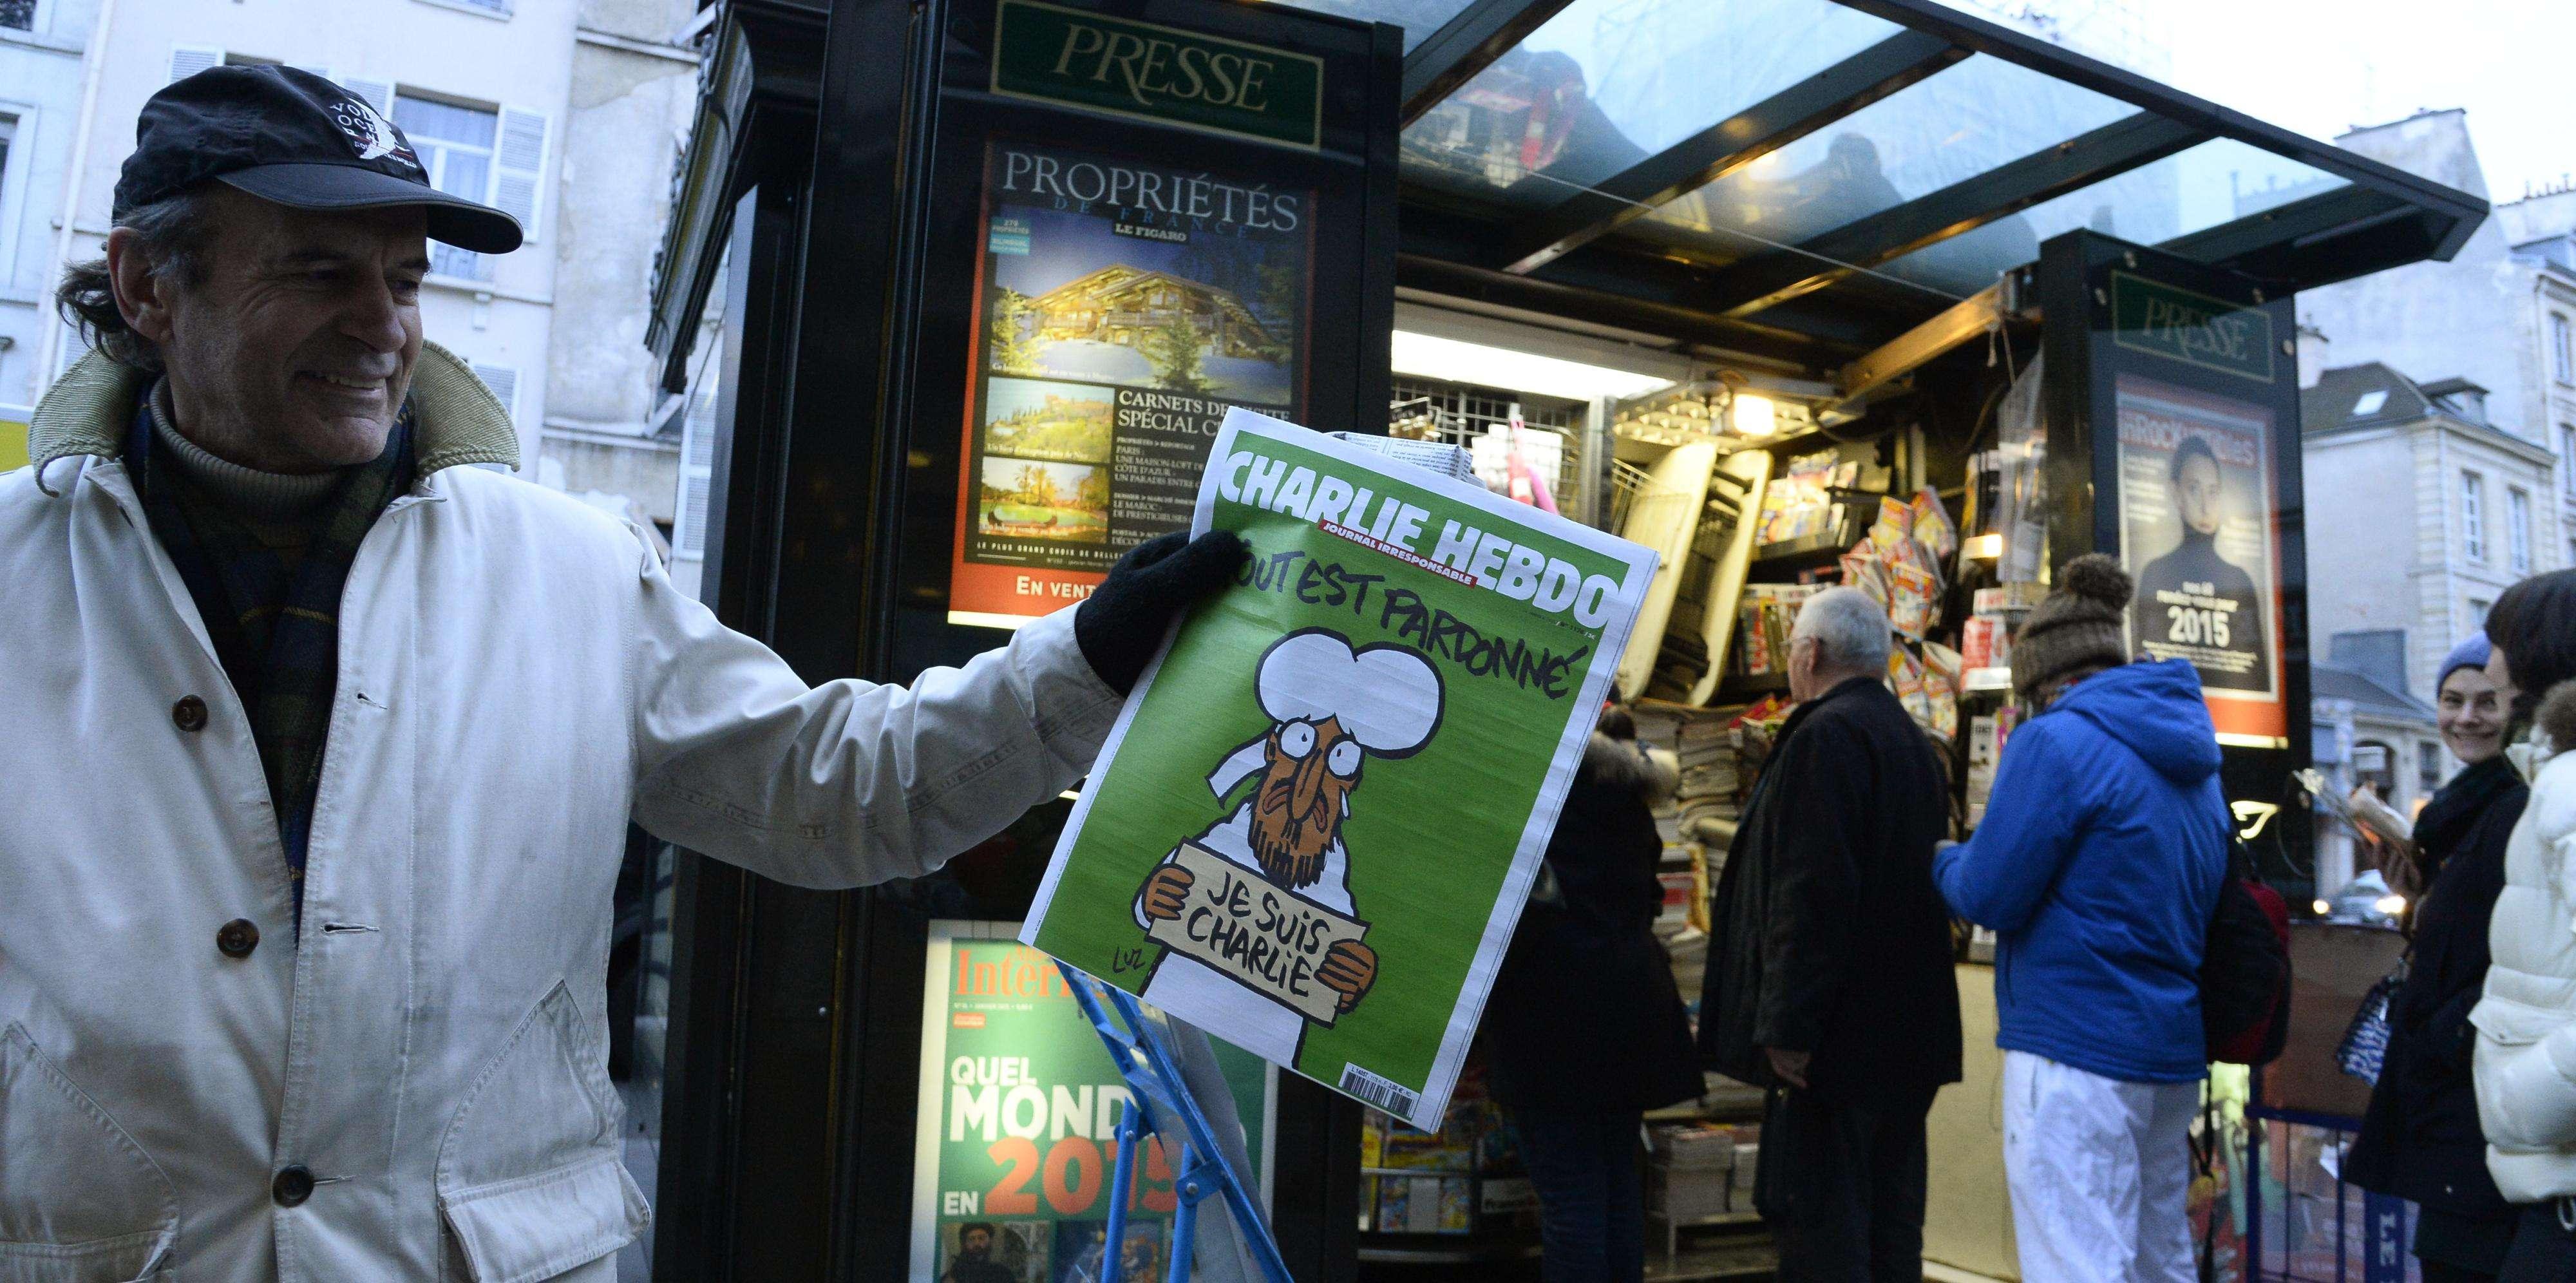 Leitor conseguiu seu exemplar após enfrentar fila em Paris Foto: Bertrand Guay/AFP